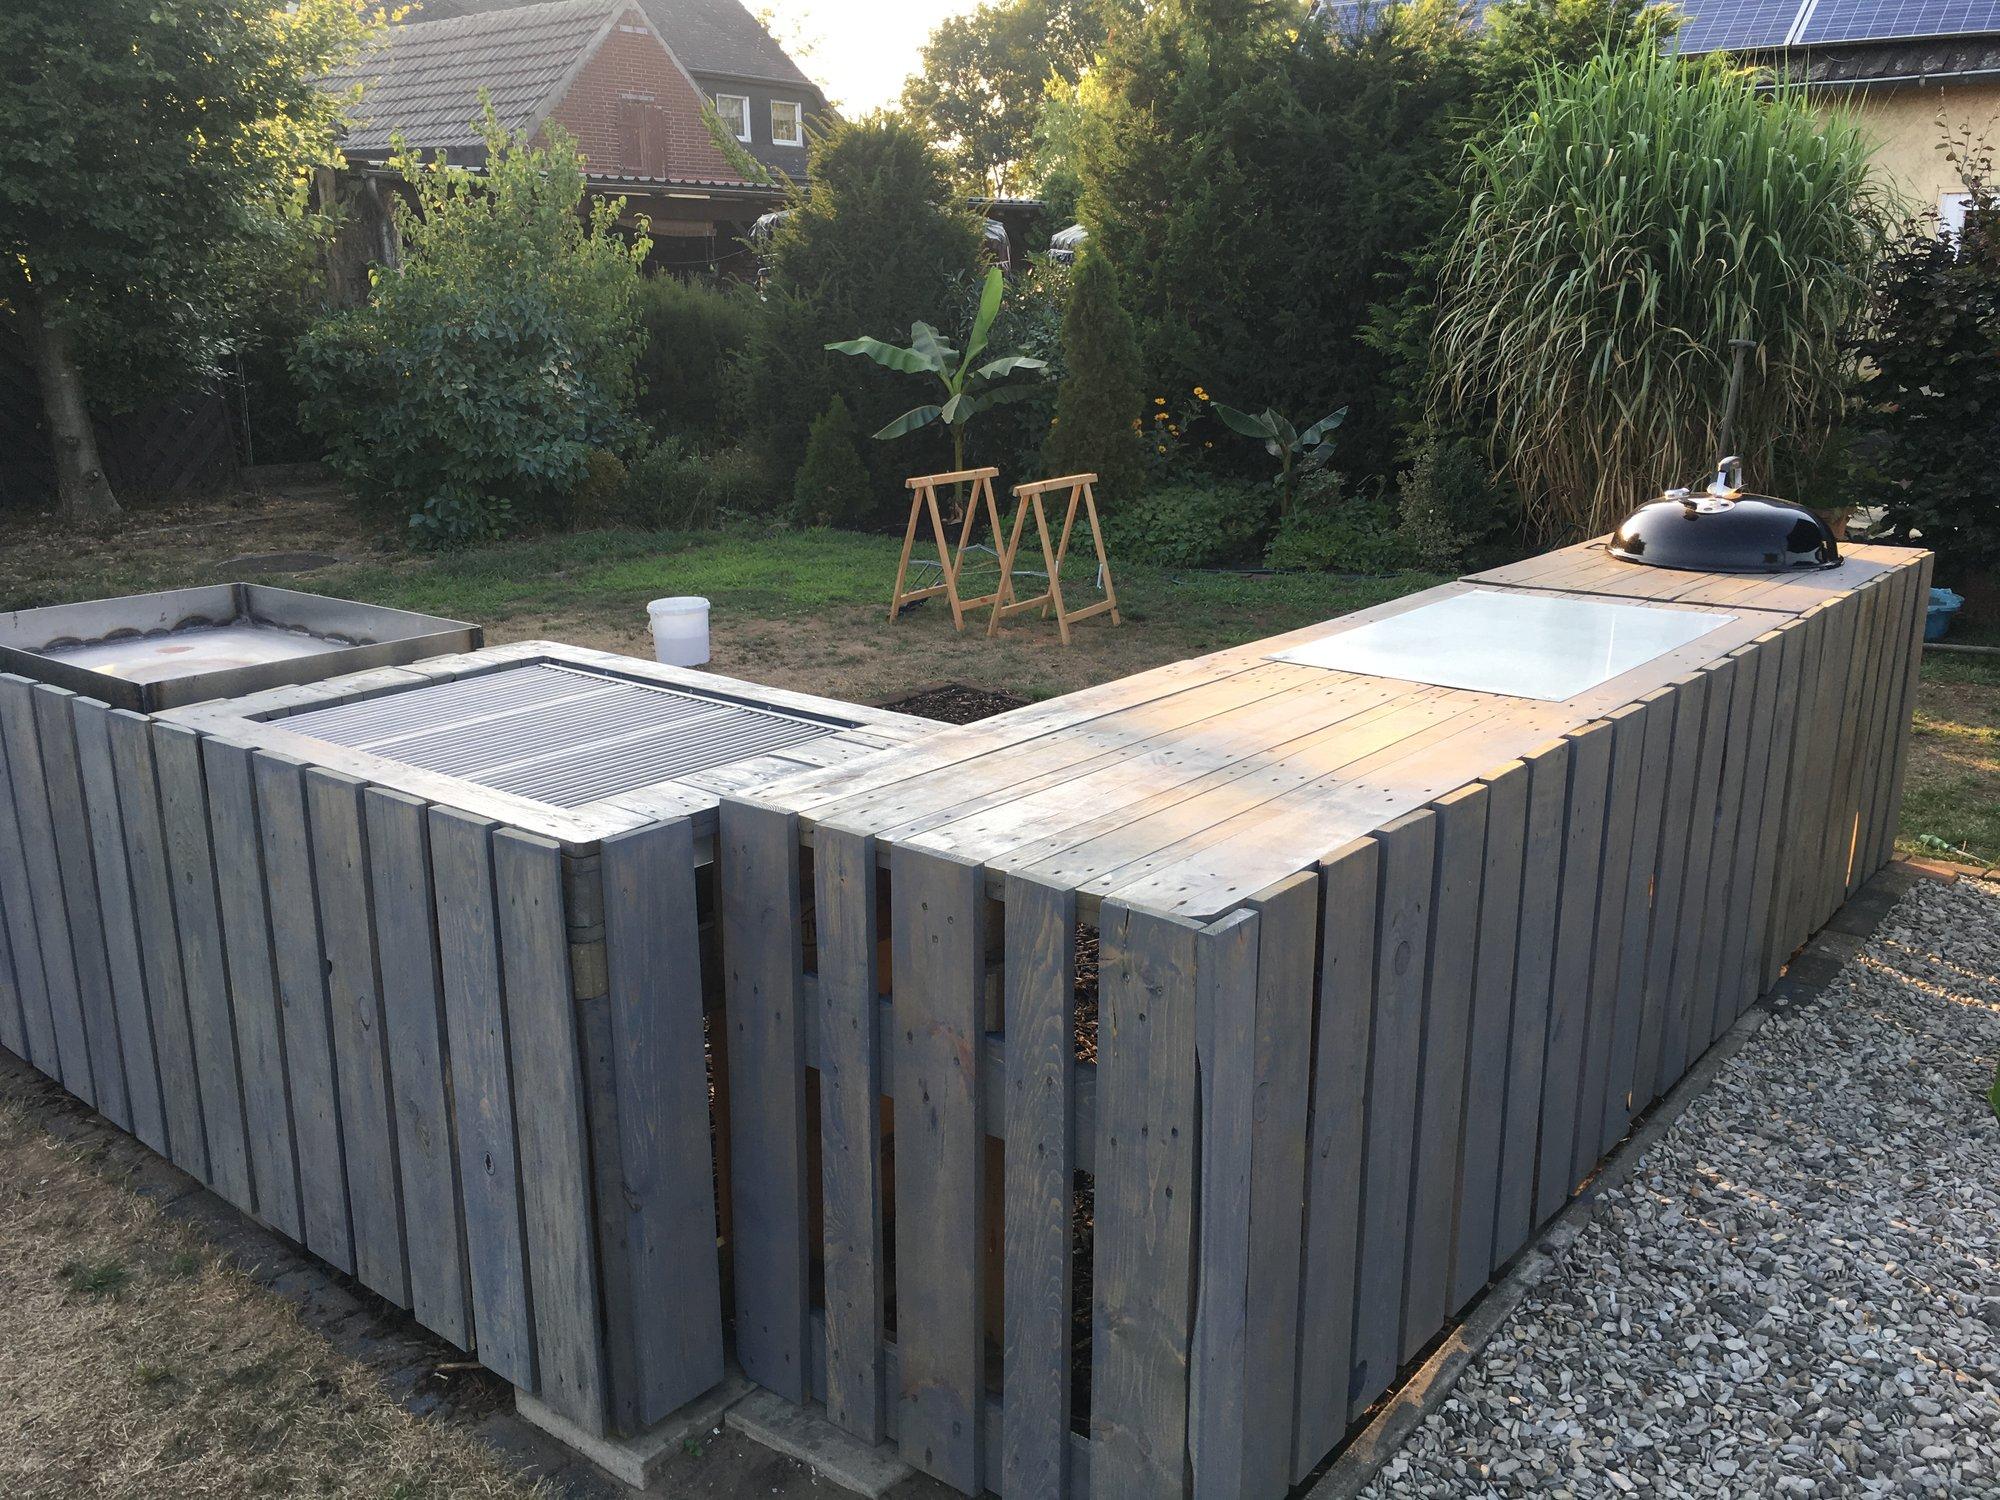 Außenküche Mit Paletten : Aussenküche aus paletten projekt frühjahr 2018seite 3 grillforum